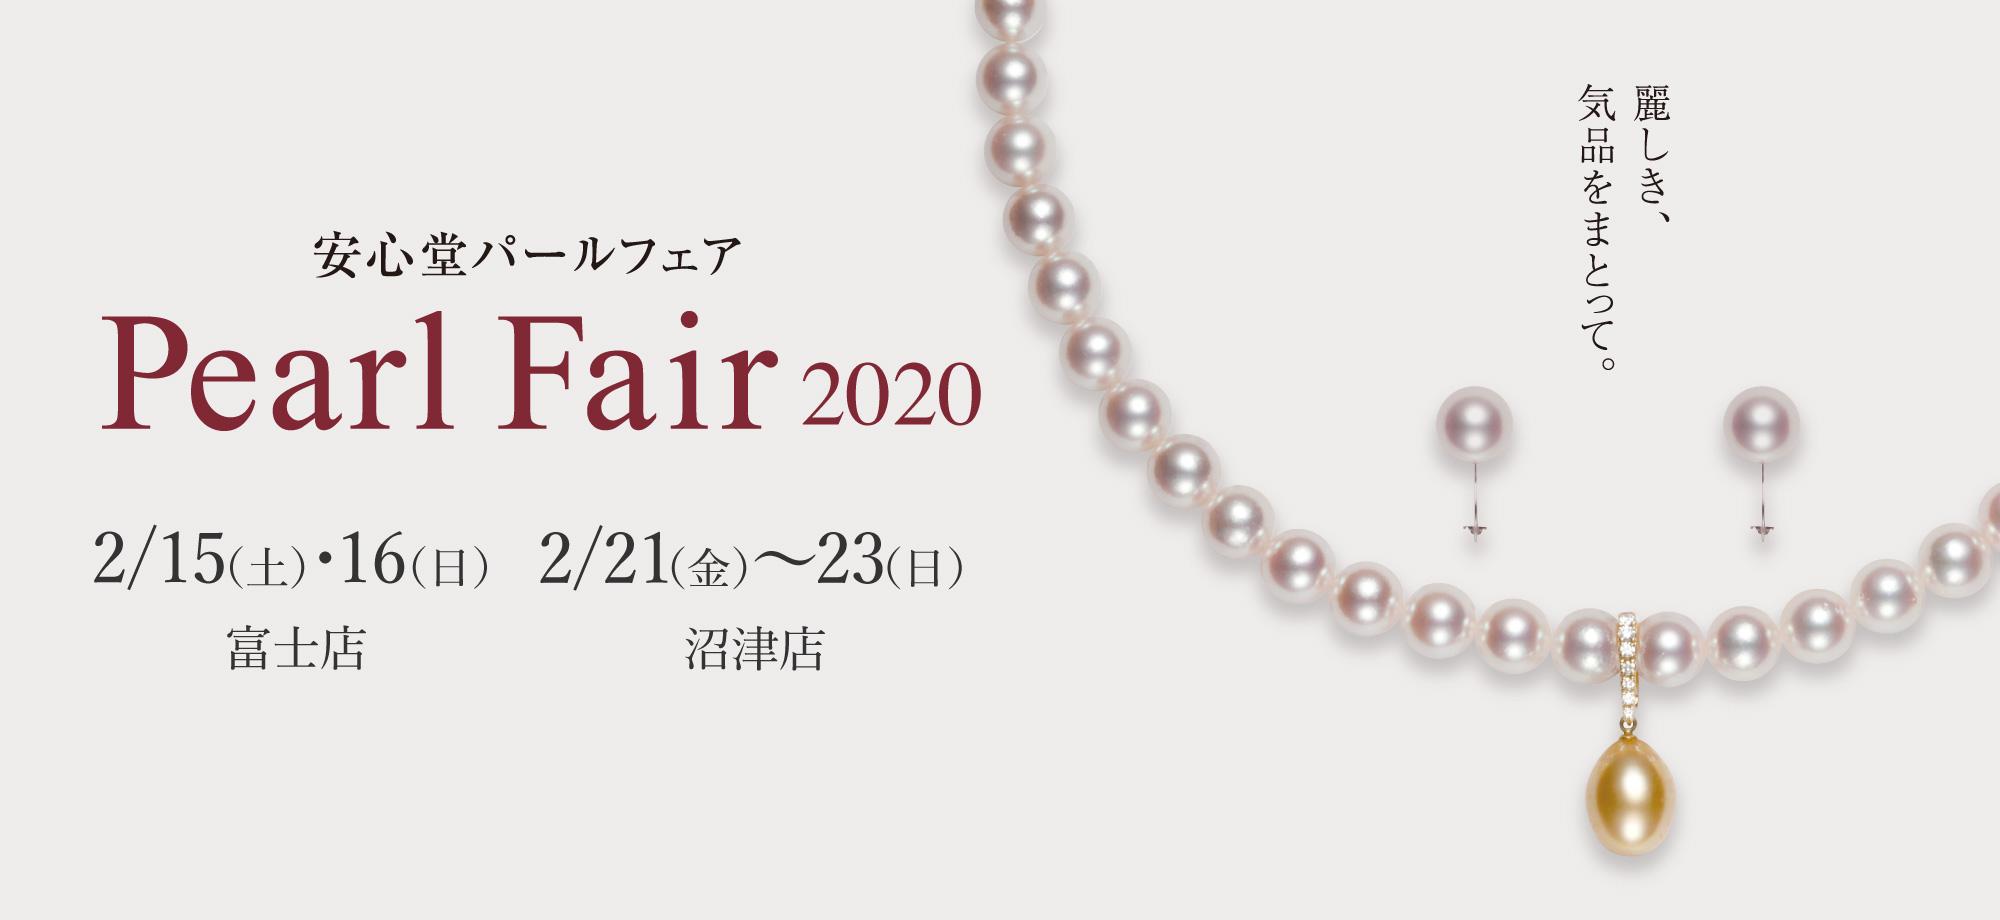 安心堂パールフェア2020